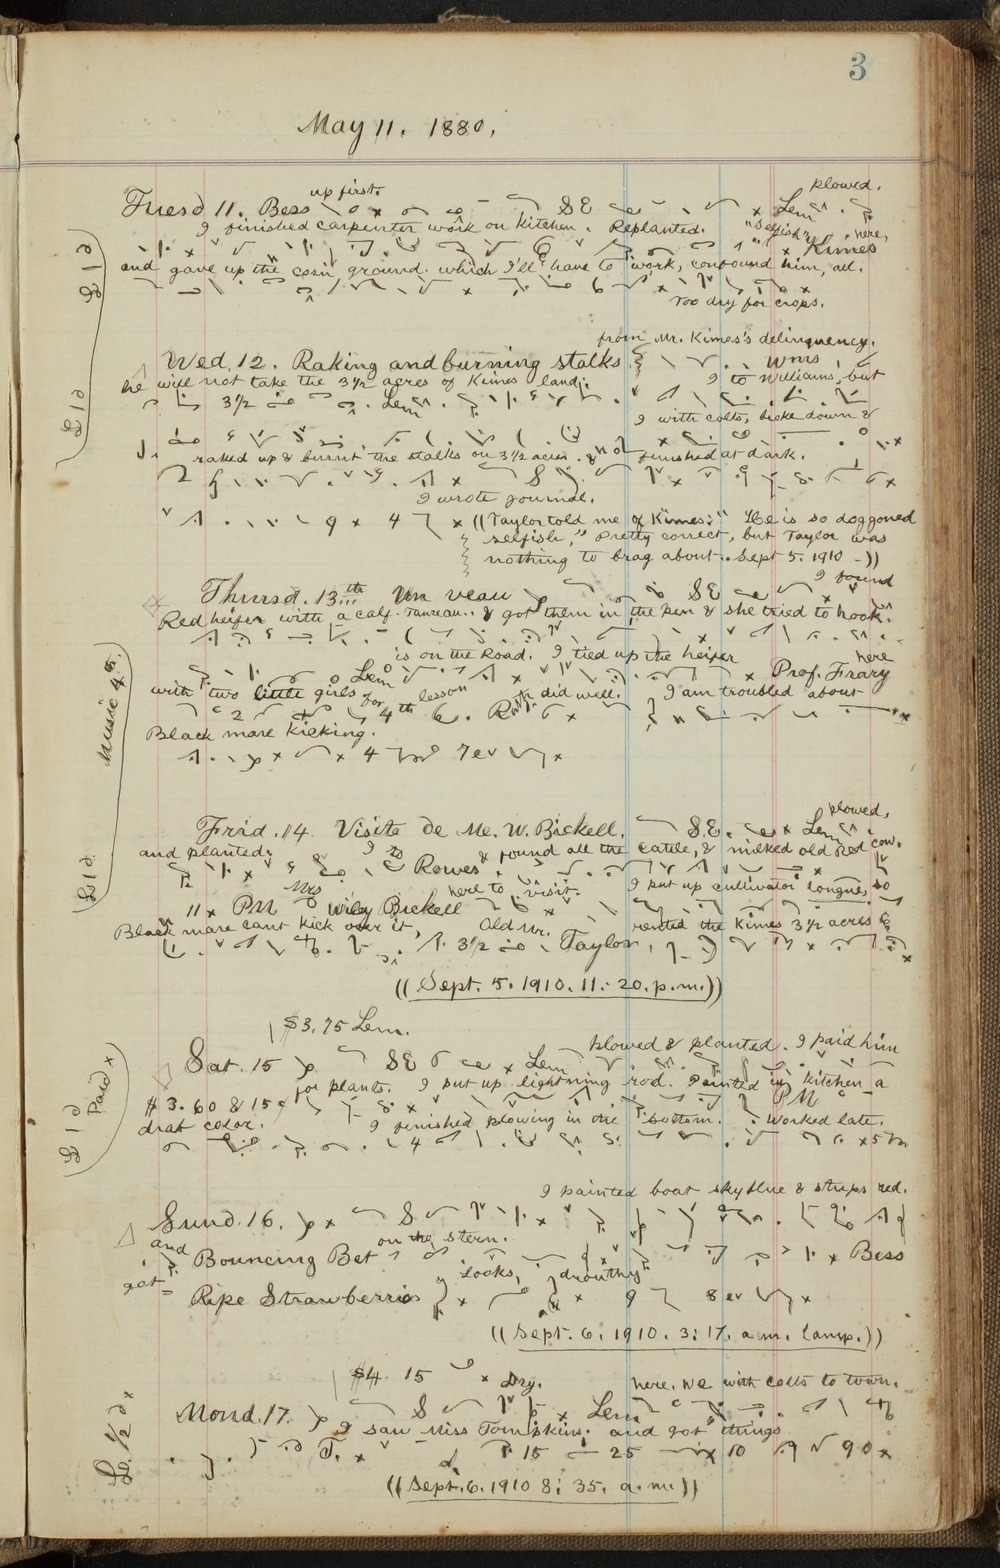 Samuel Reader's diary, volume 10 - 3